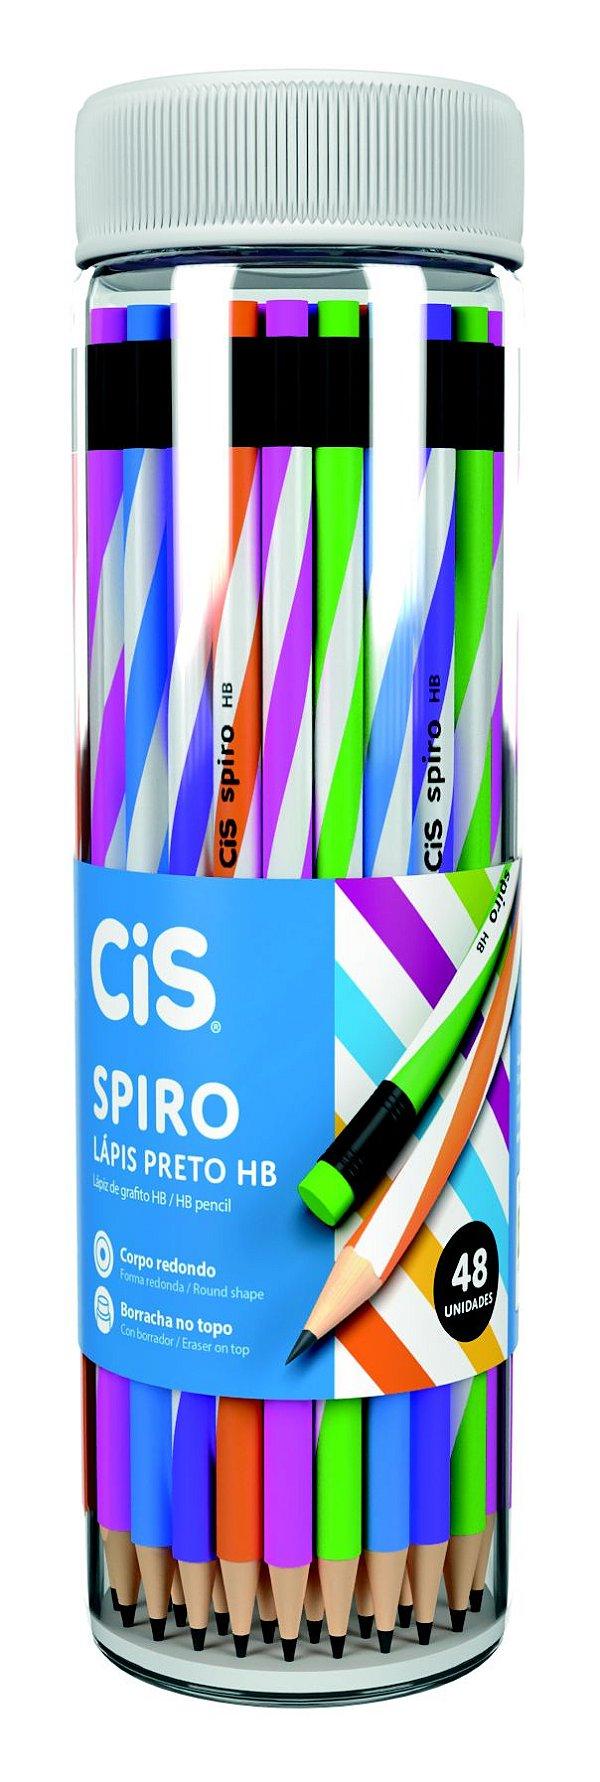 Lápis Preto com Borracha Cis Spiro